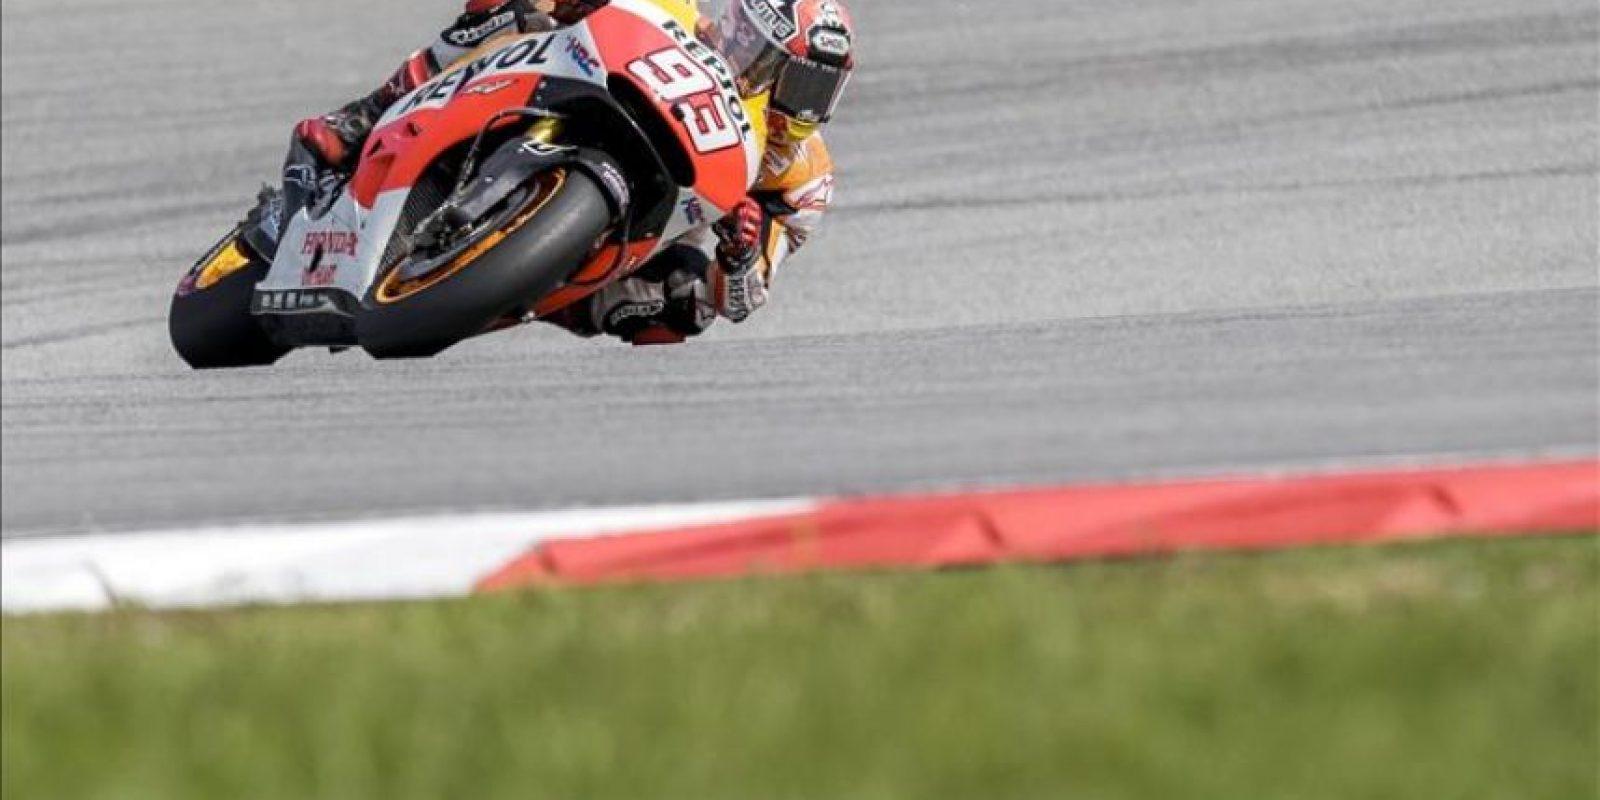 El piloto de MotoGP Marc Marquez, durante los entrenamientos de hoy del circuito de Sepang (Malasia). EFE